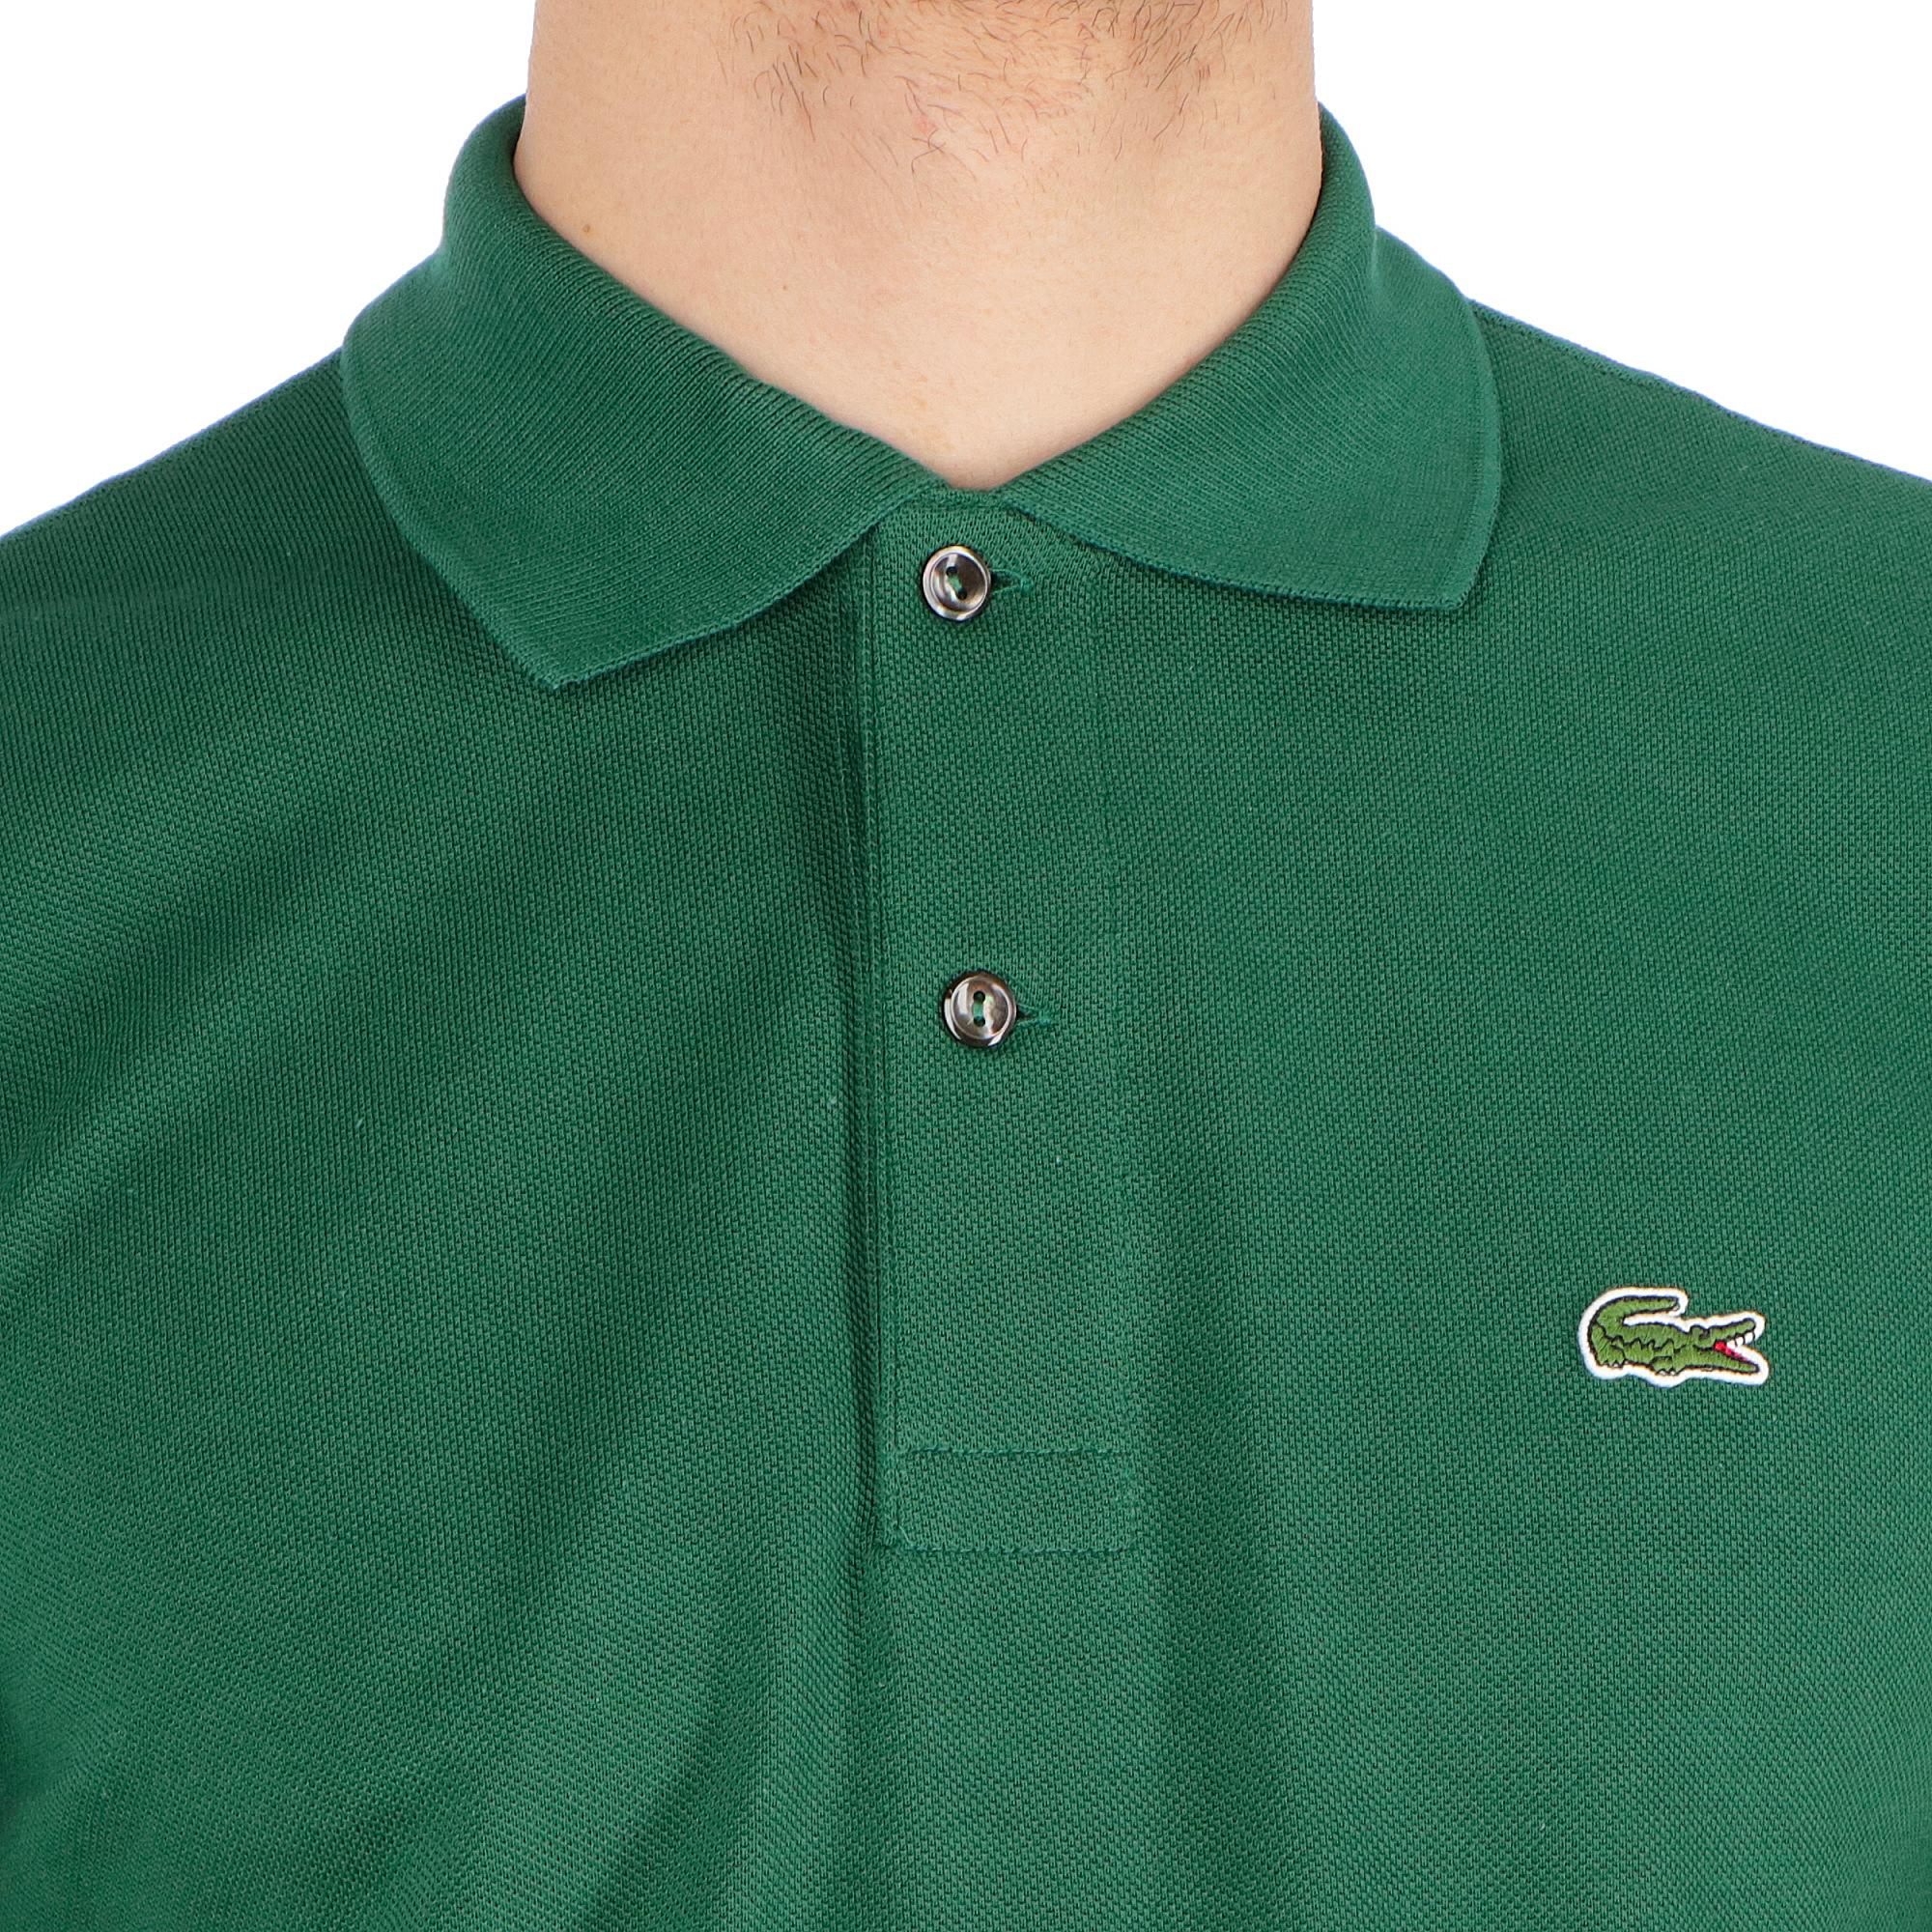 8e9627933 Lacoste Polo Green